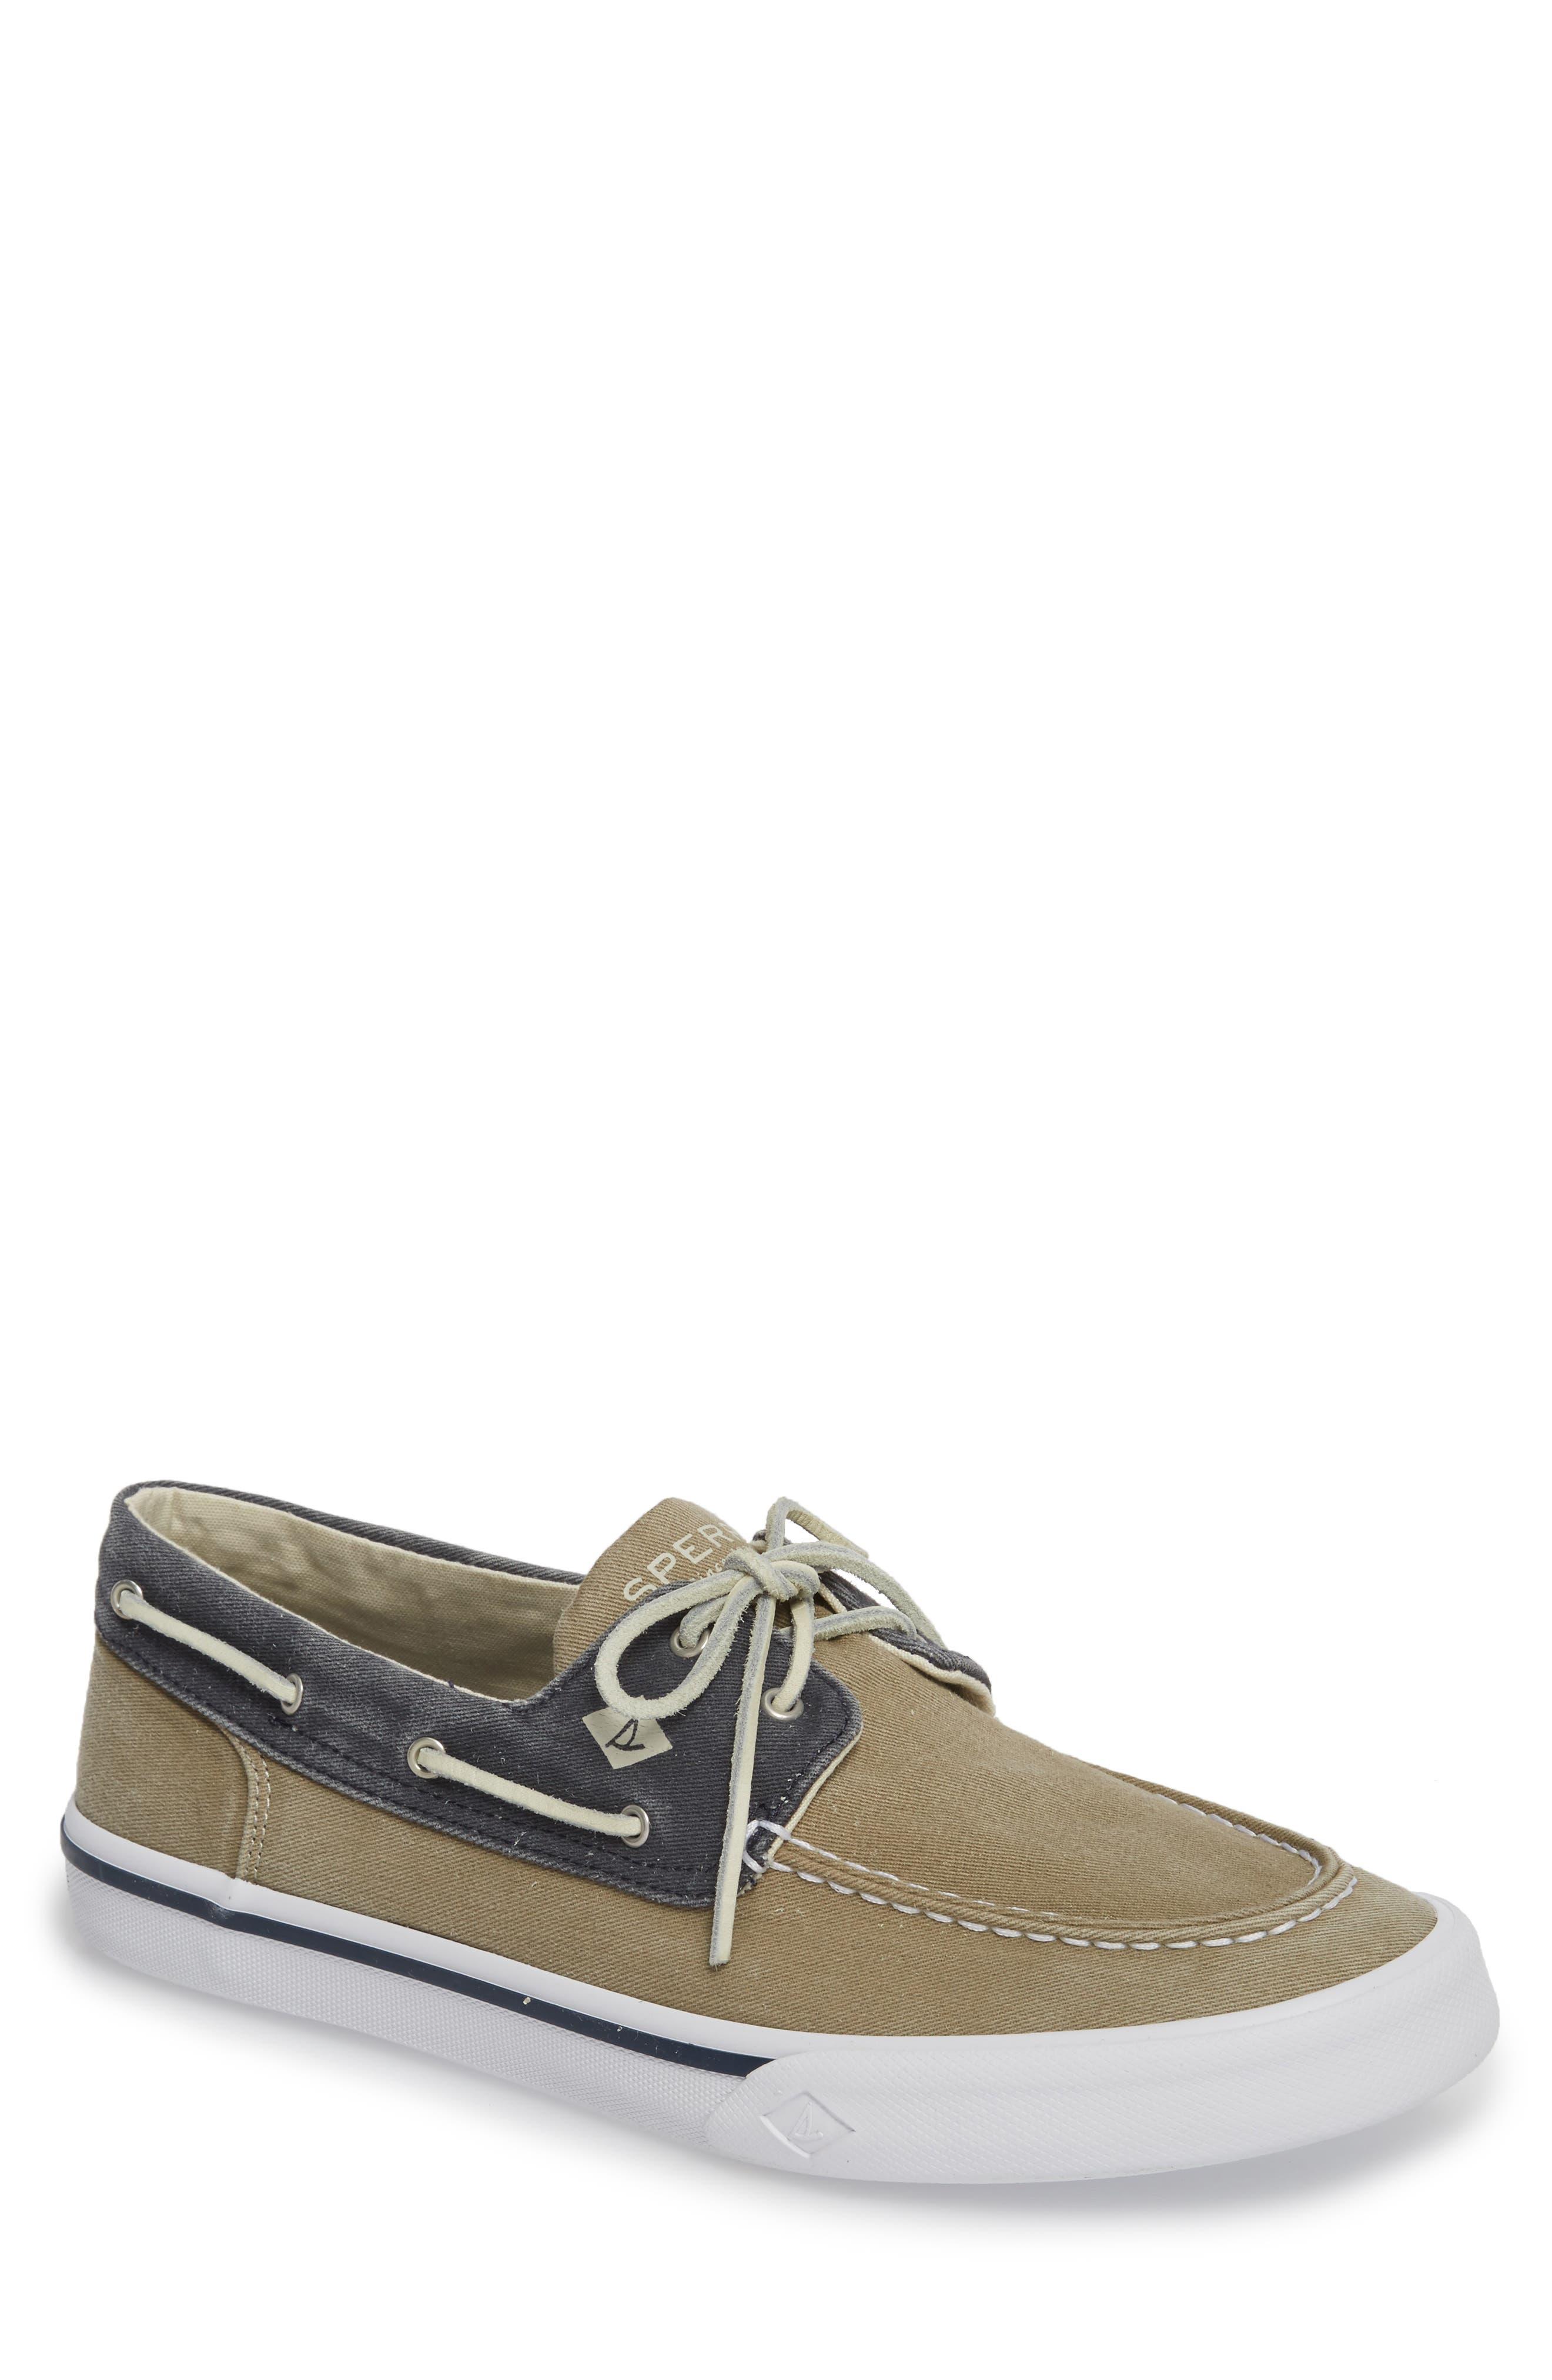 Striper II Boat Shoe,                         Main,                         color,